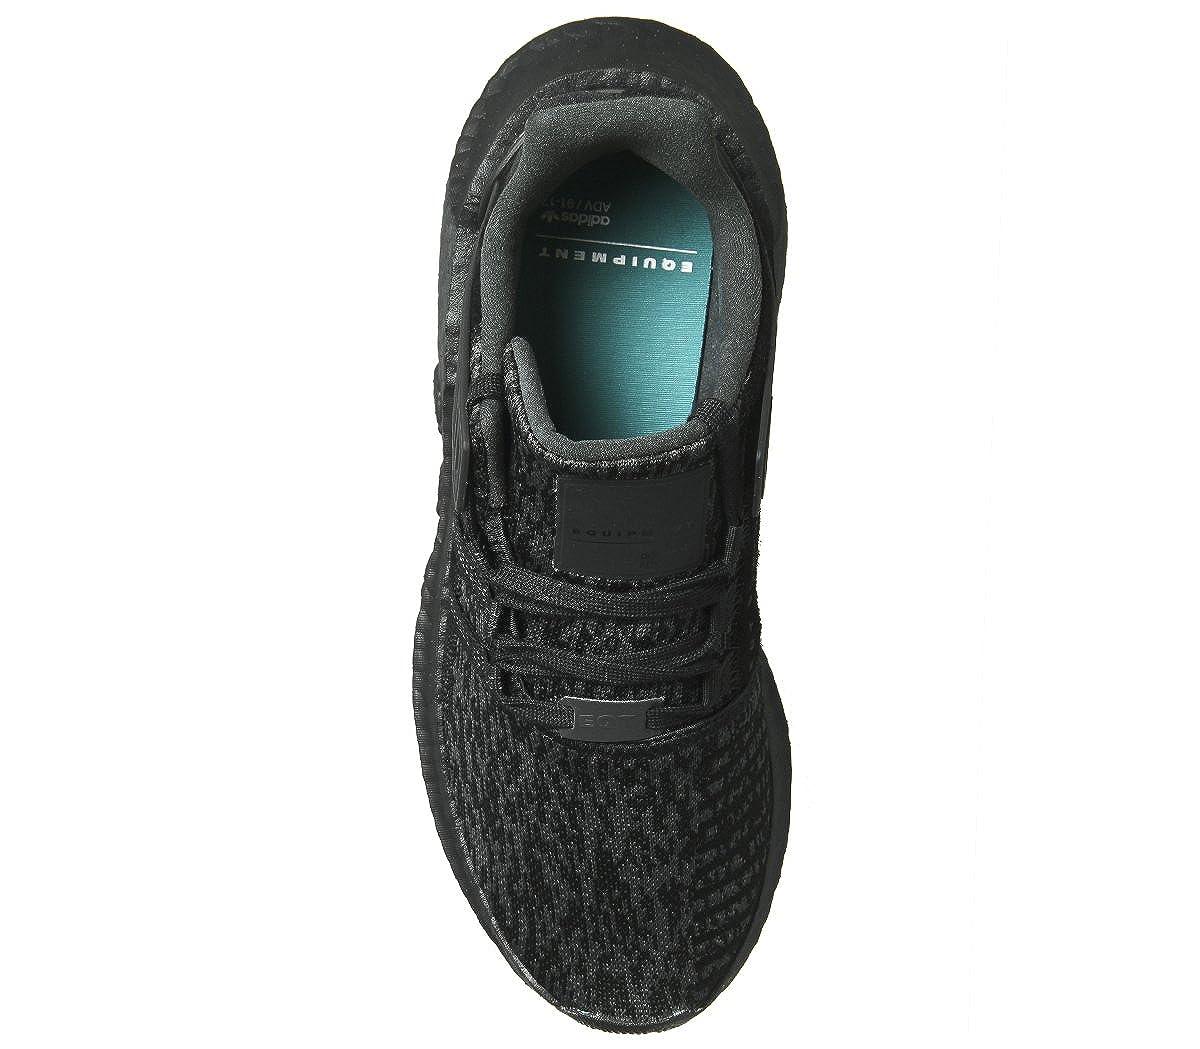 buy online 6186d 6c2ff Adidas EQT Support 9317 Scarpe da Ginnastica Uomo Amazon.it Scarpe e  borse